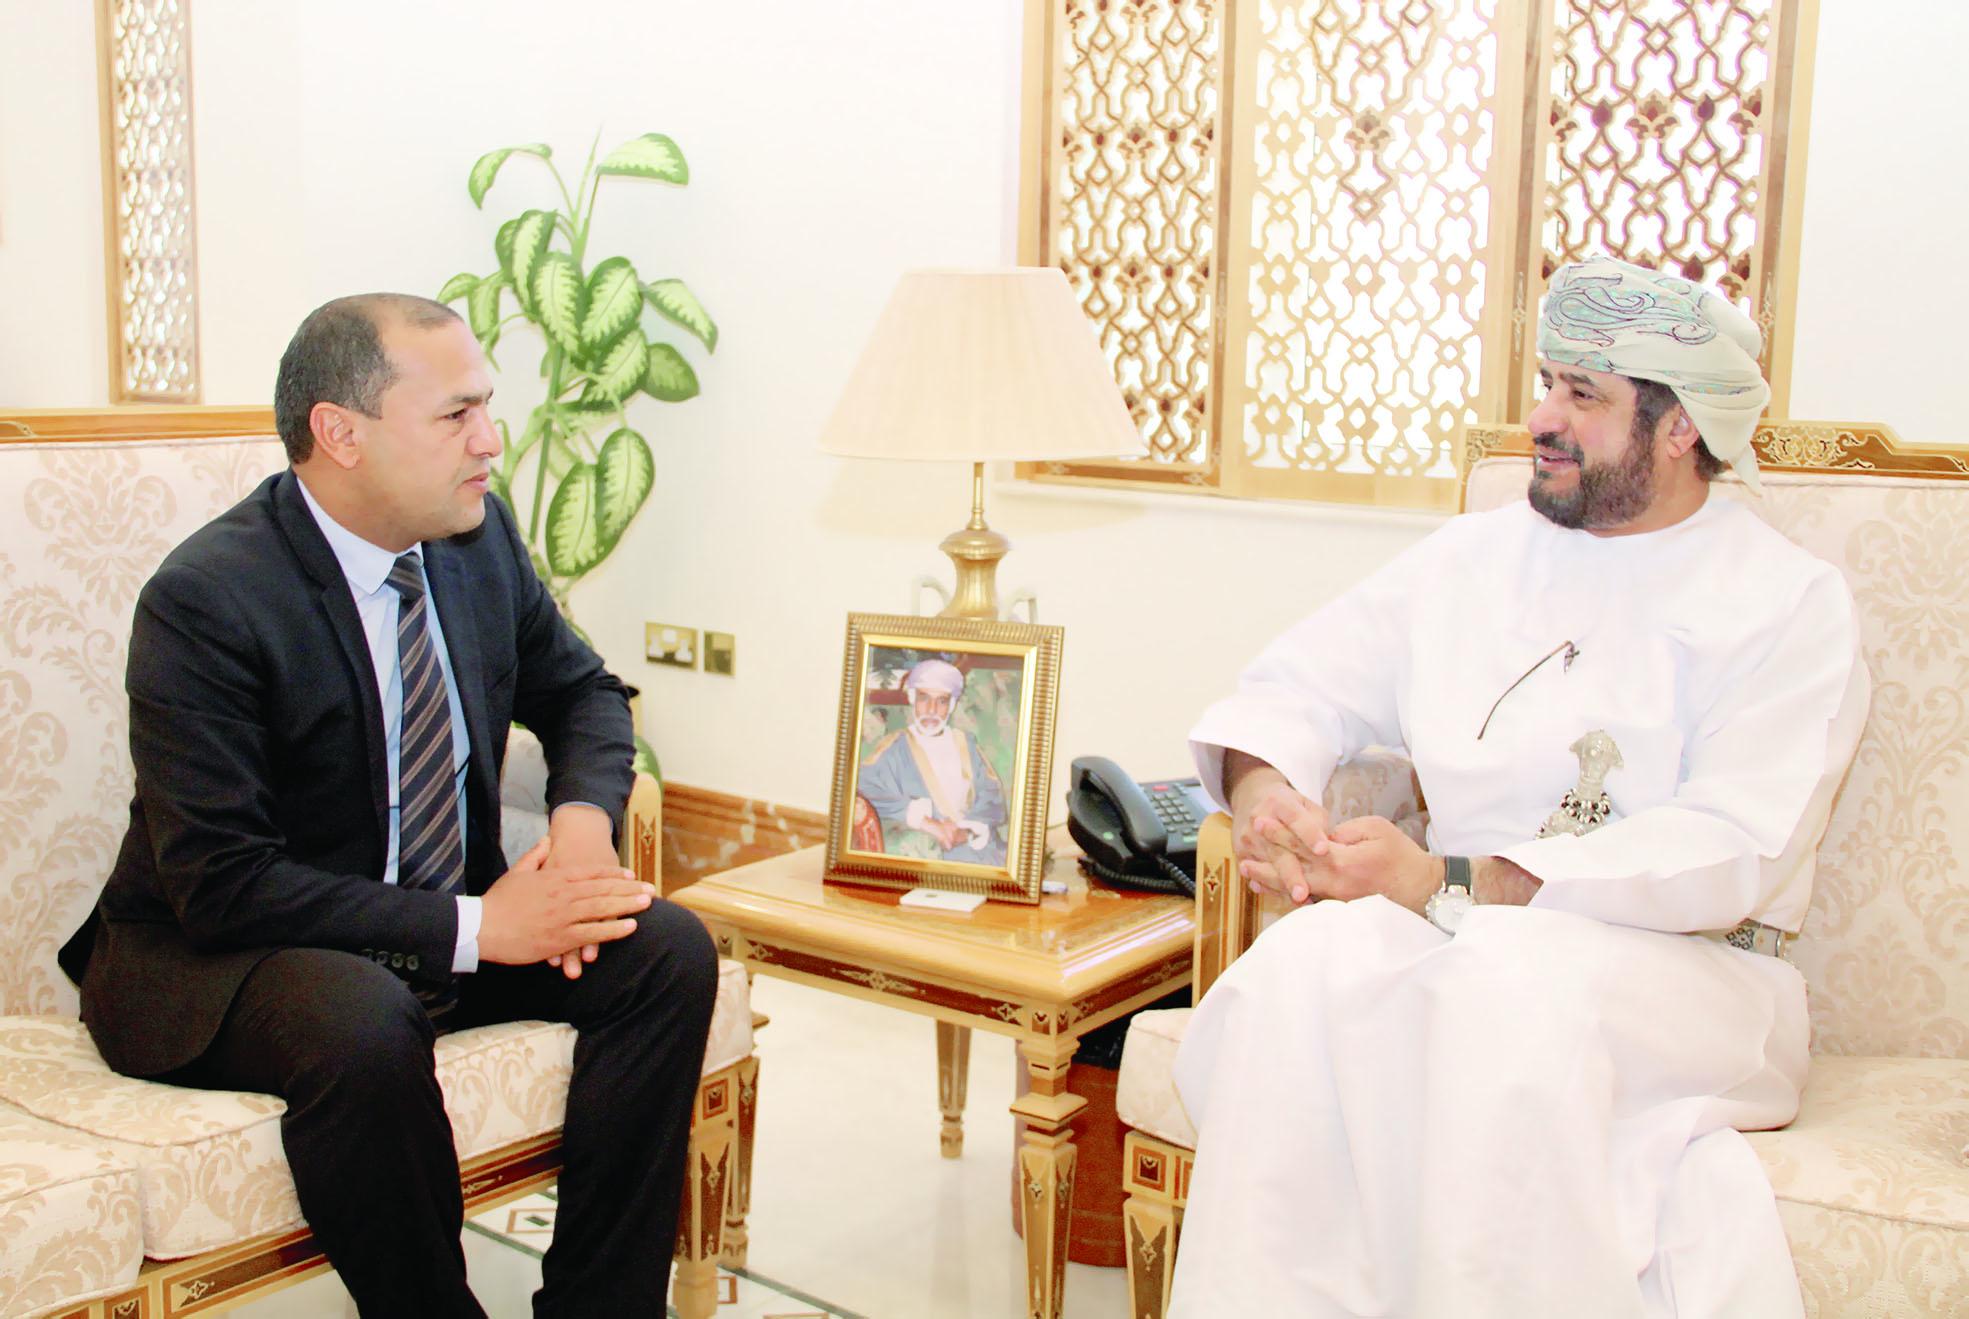 وزير الخدمة المدنية يستقبل مسؤولا تونسيا